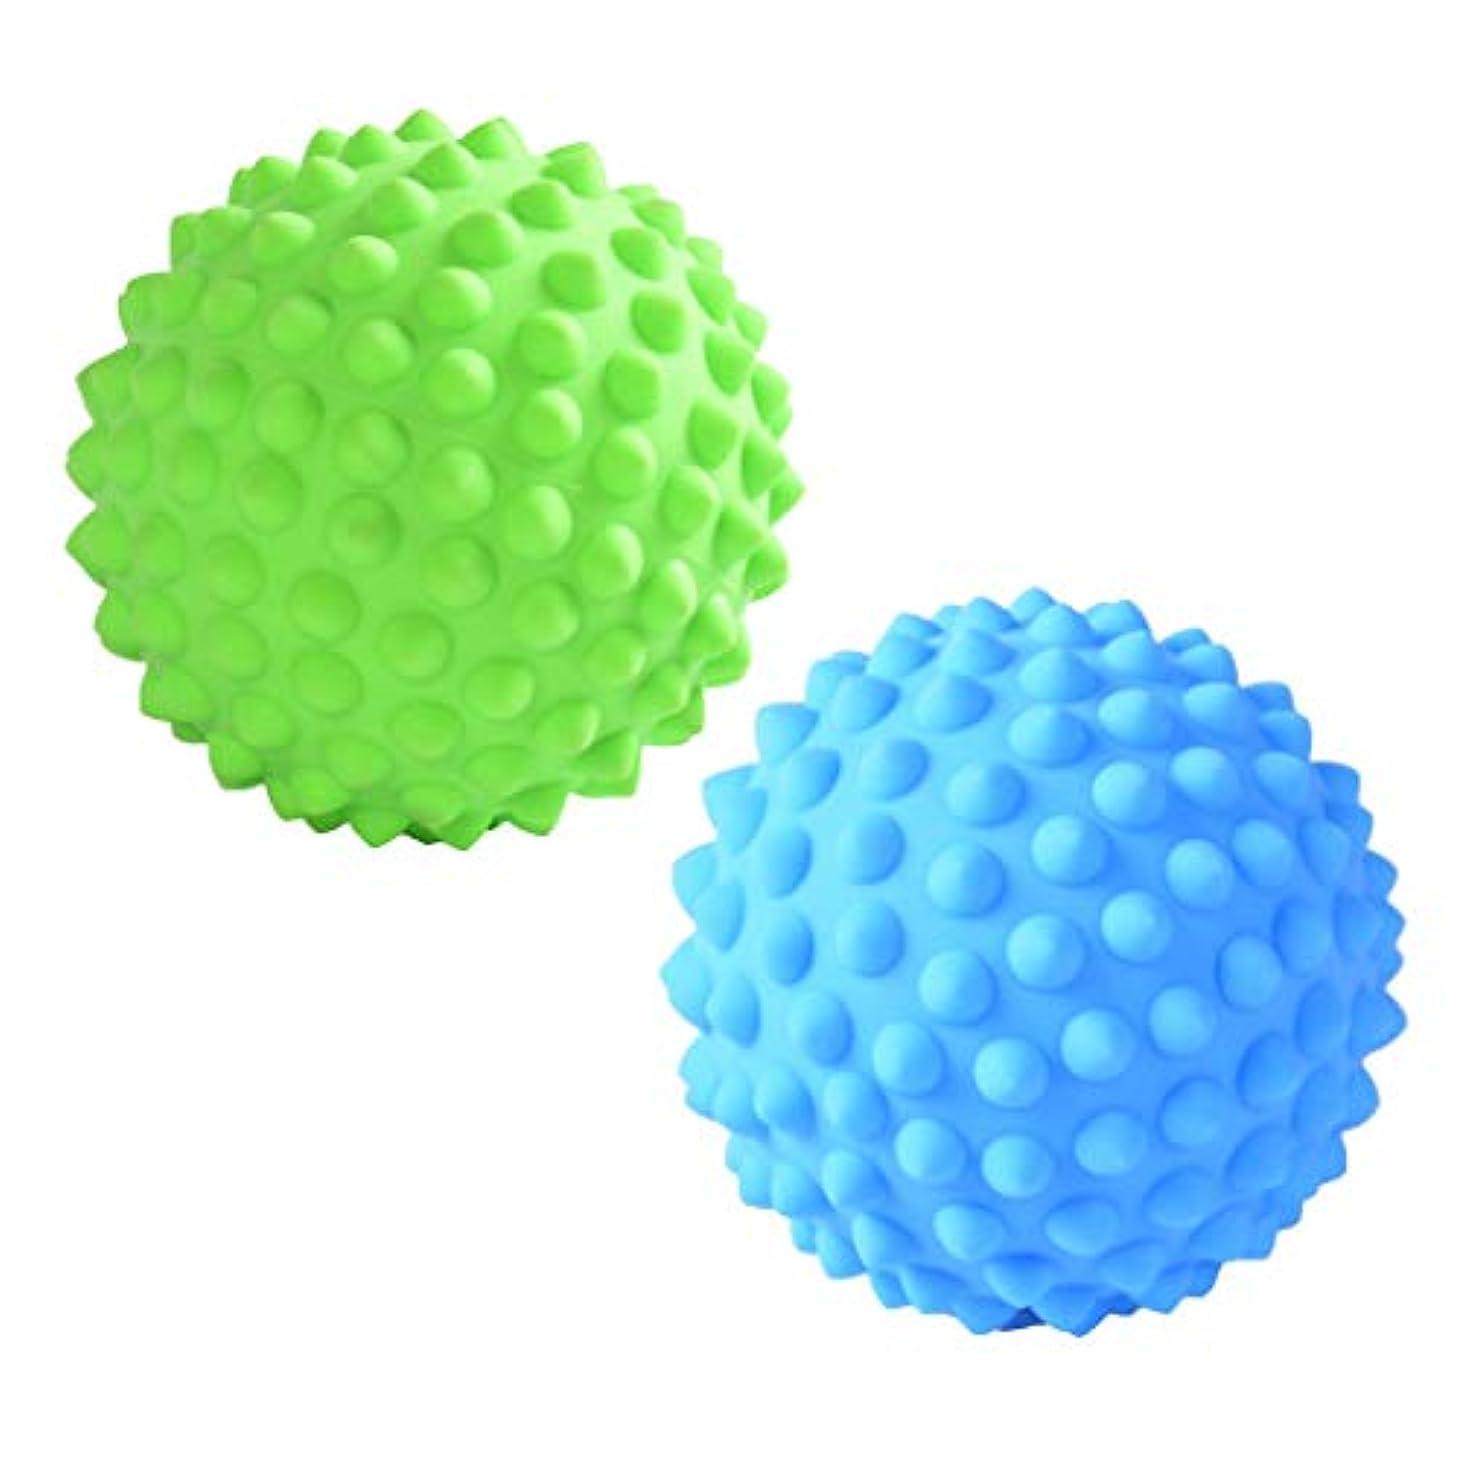 回路津波ジョージエリオットFLAMEER 2個 マッサージローラーボール 指圧ボール PVC トリガーポイント 疲れ解消ボール ヨガ 疲労軽減